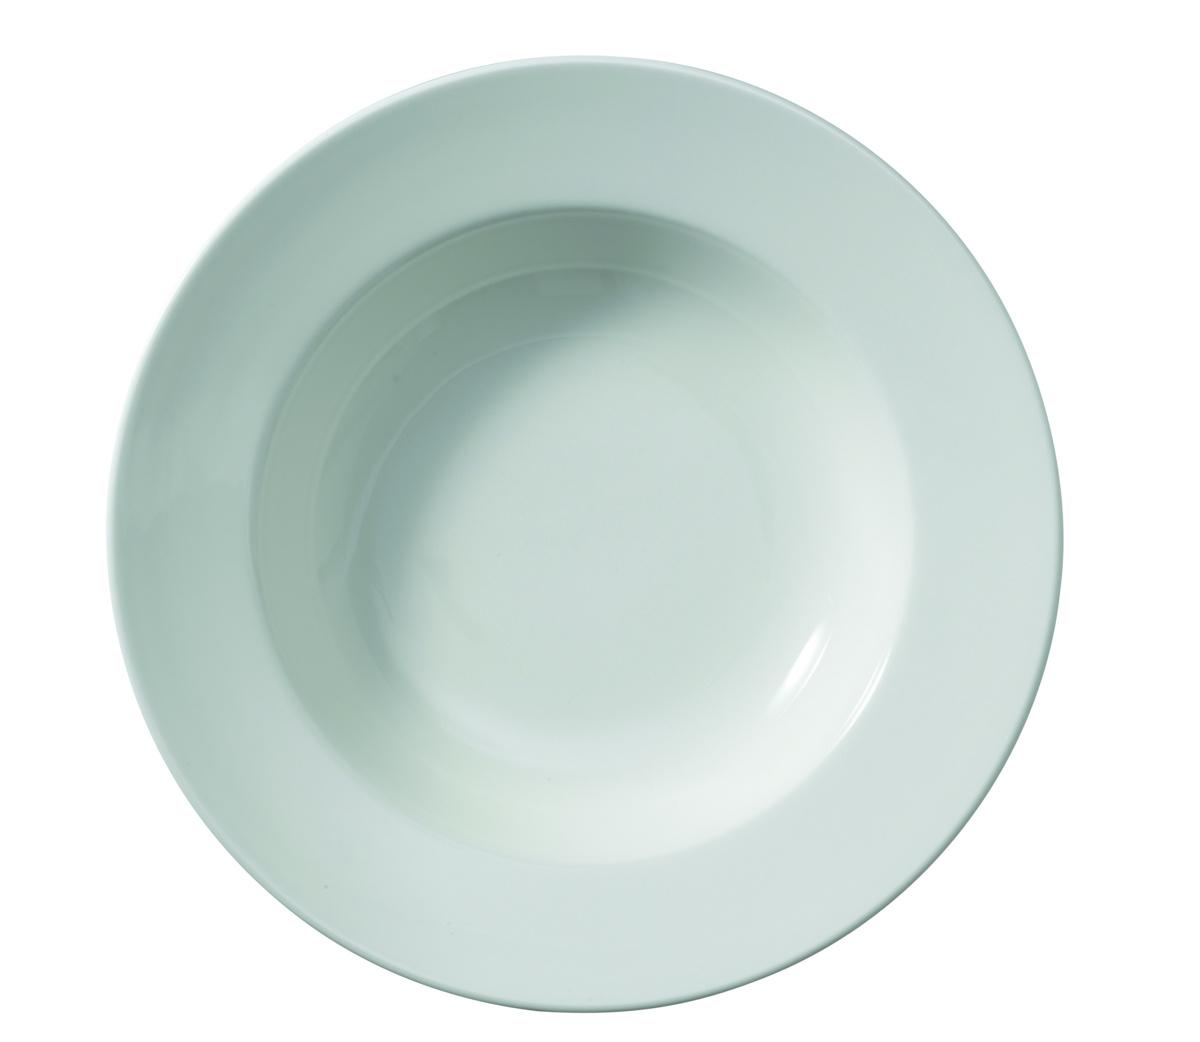 Assiette creuse rond ivoire Banquet Rak